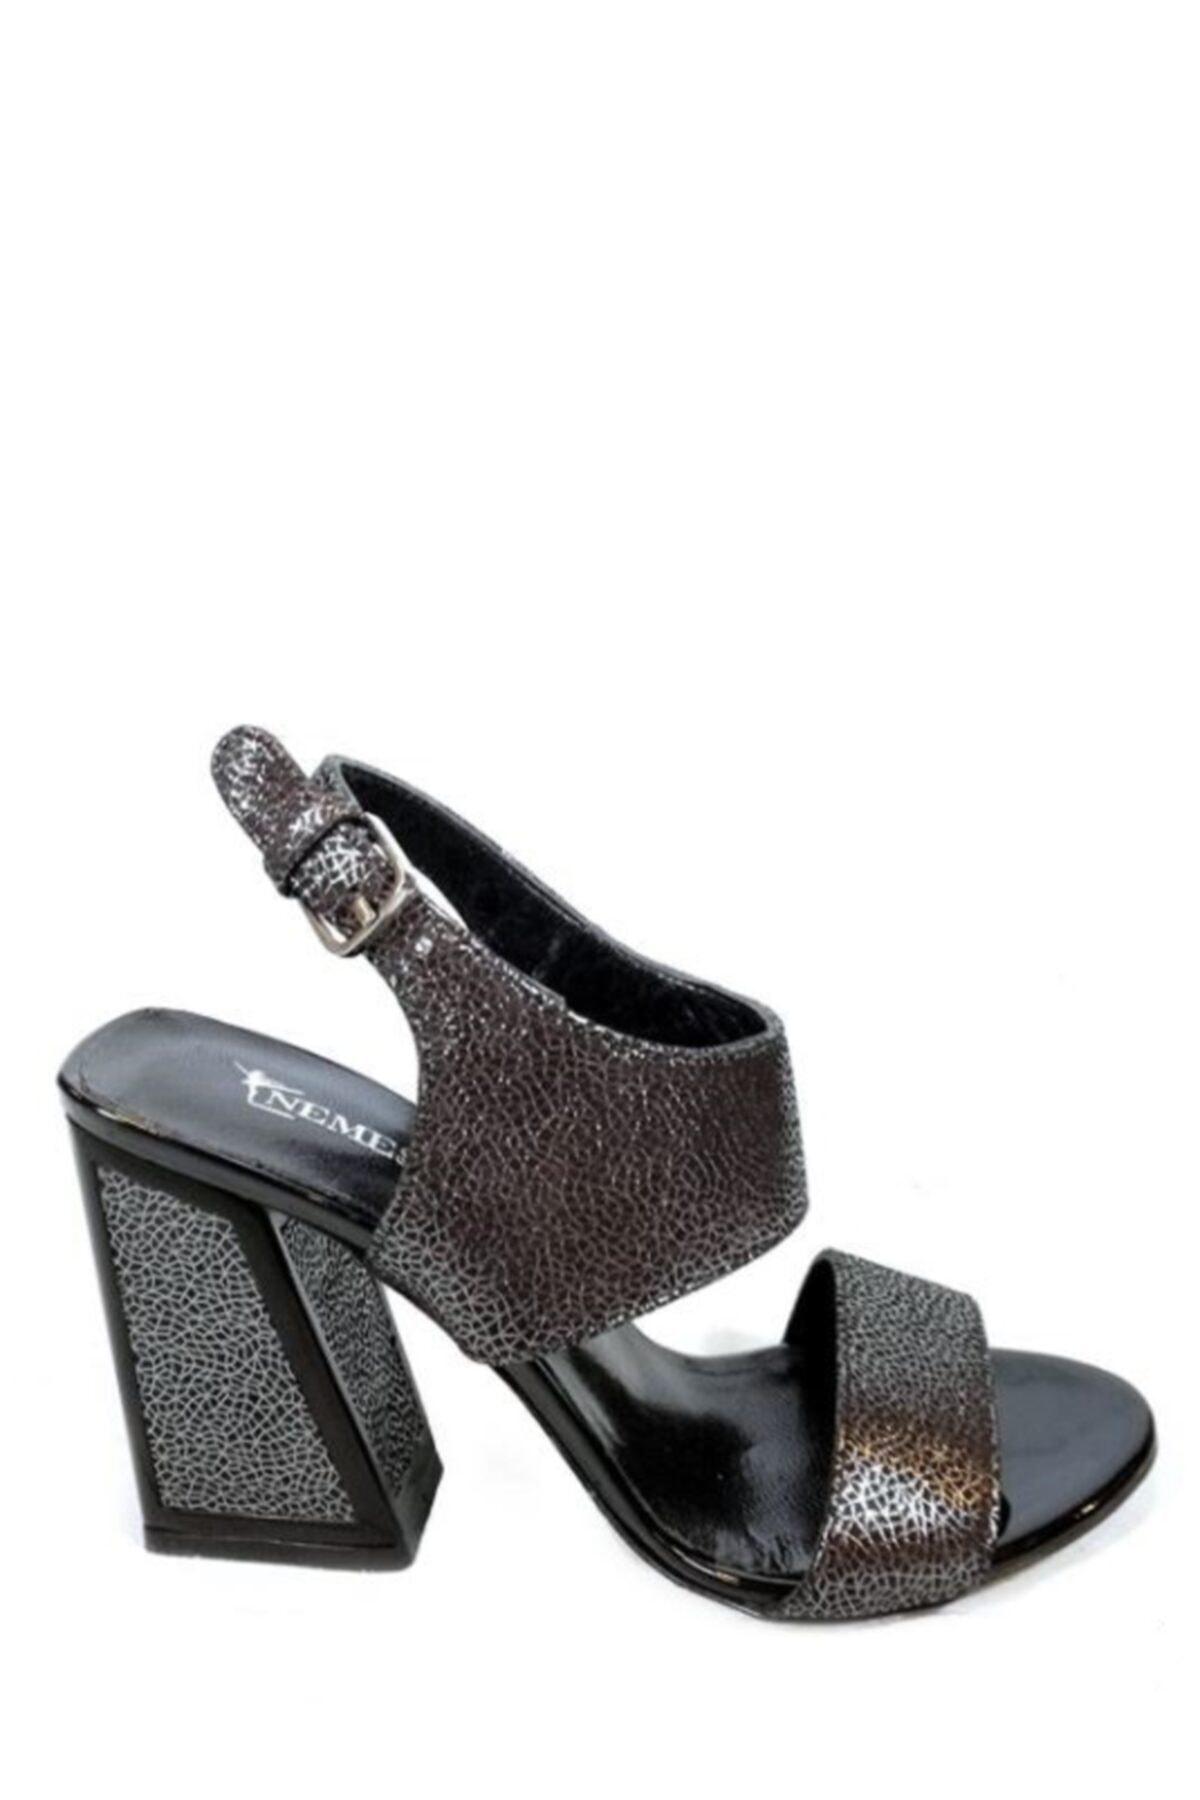 Nemesis Shoes Gerçek Deri Kadın Topuklu Sandalet Siyah Spider Deri